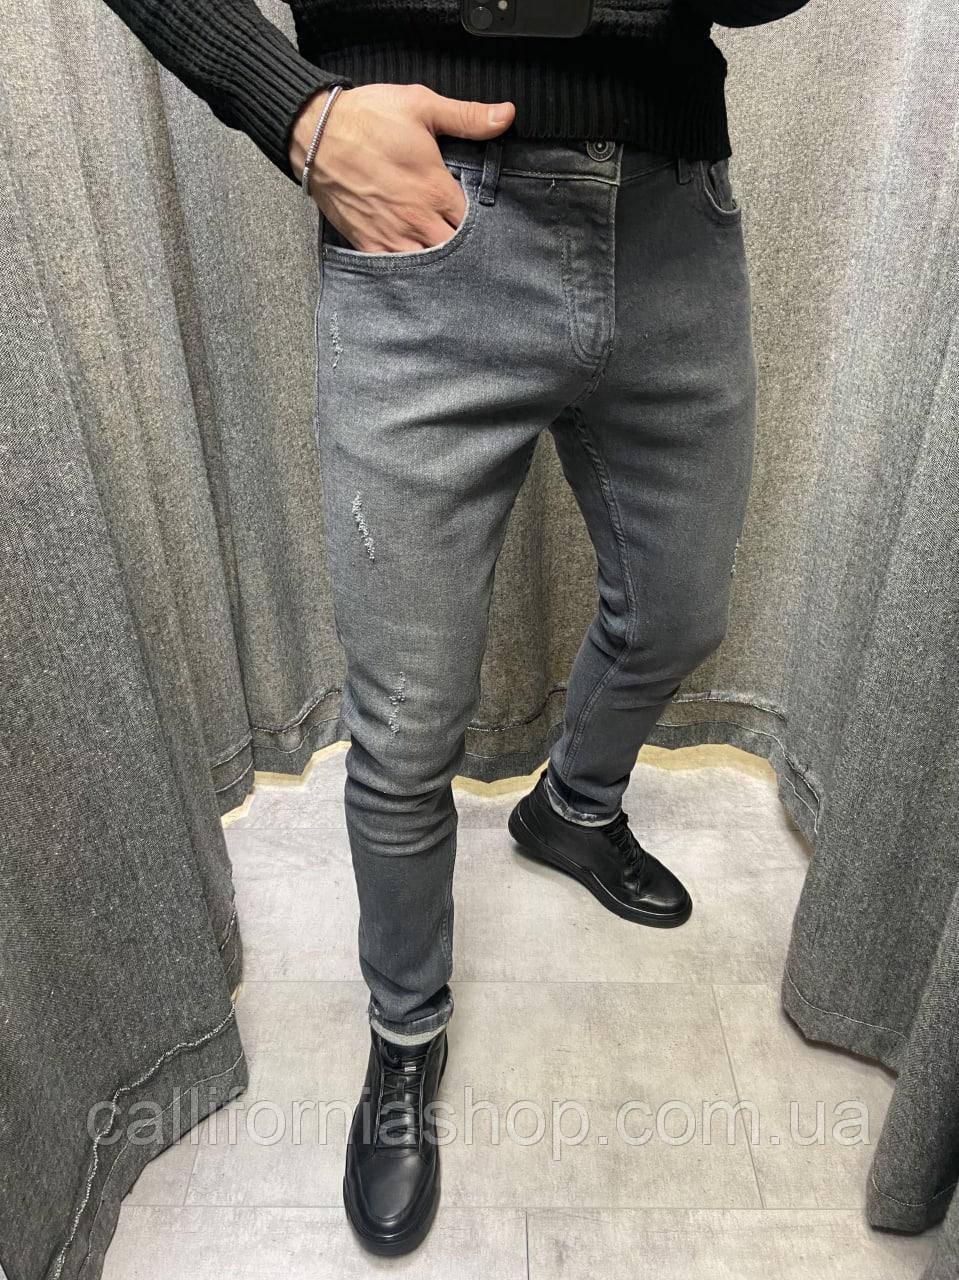 Мужские джинсы серые однотонные прямые зауженные демисезонные, Турция